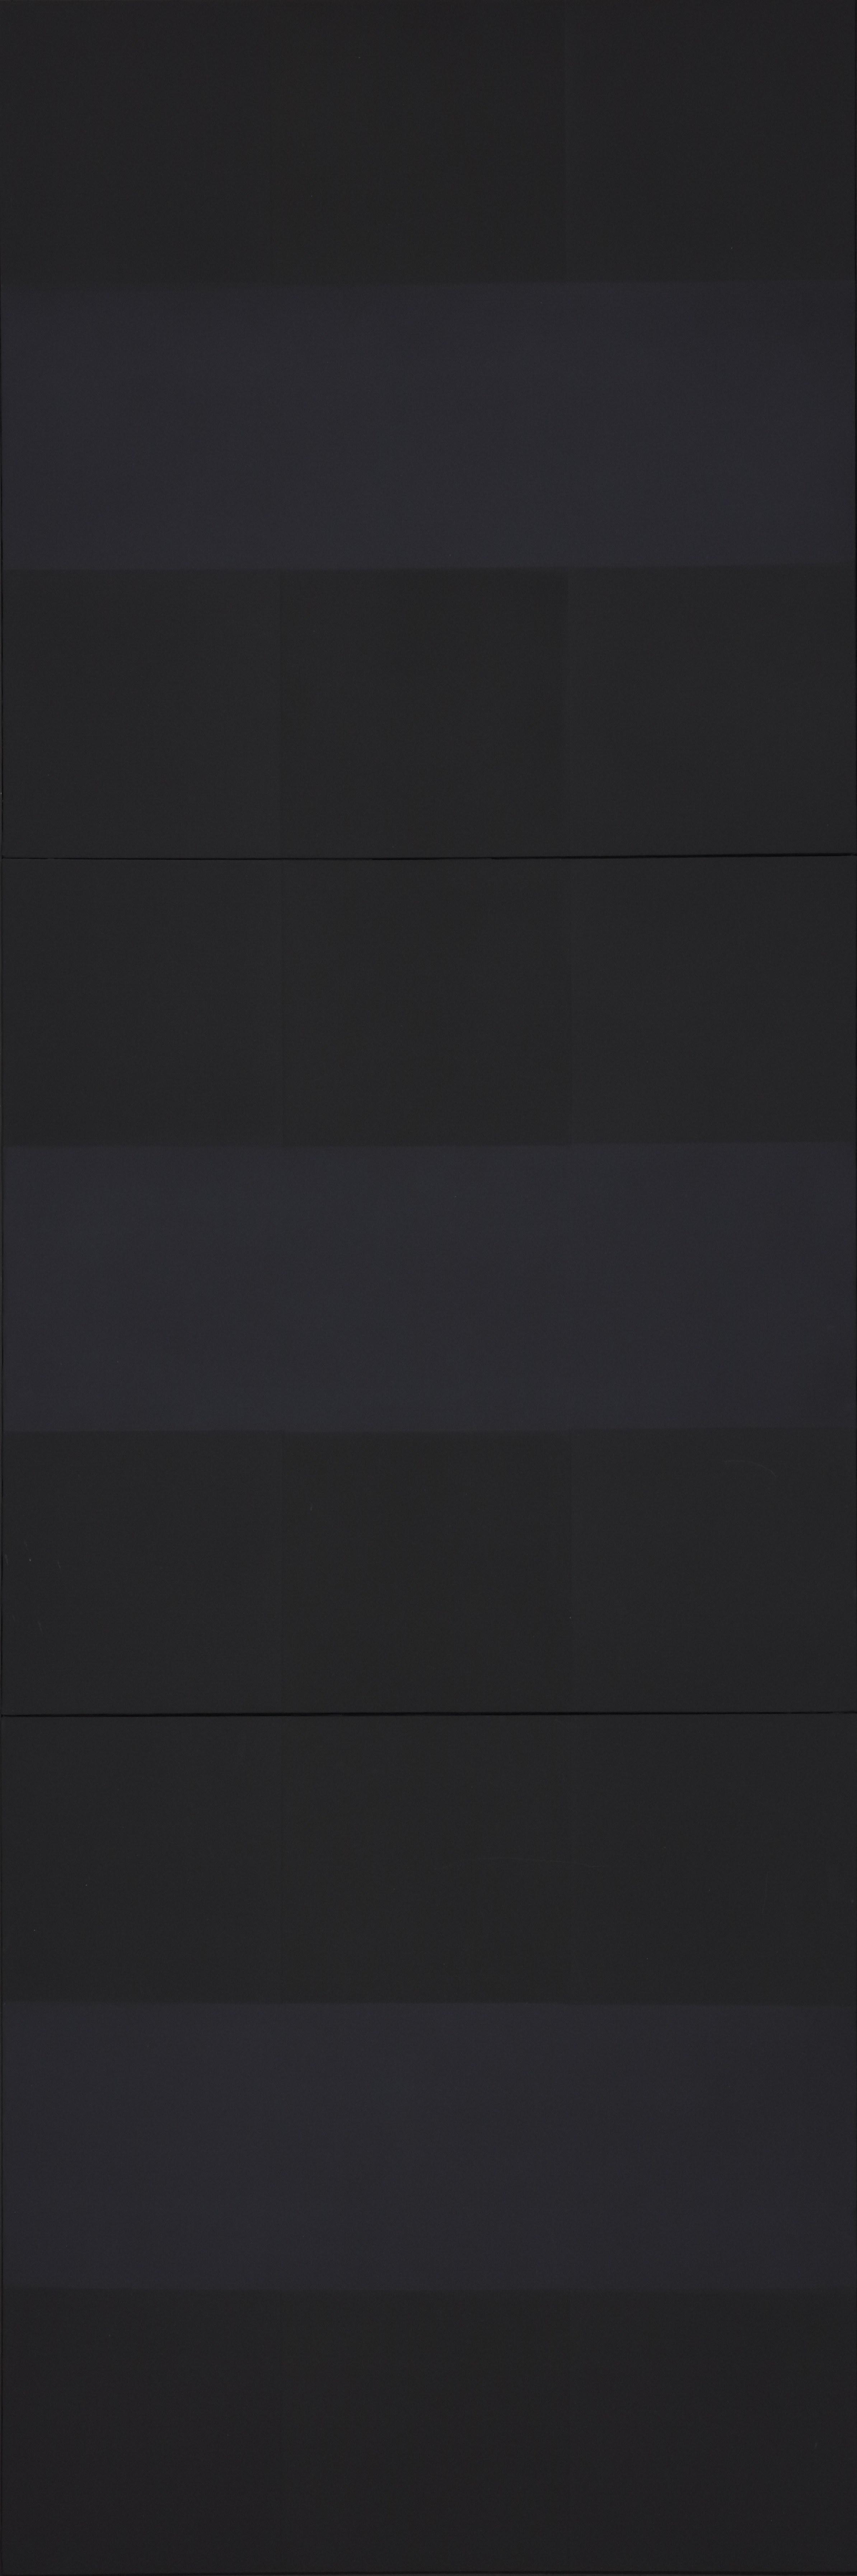 アド・ラインハート 《トリプティック》1960年 油彩、カンヴァス  滋賀県立近代美術館蔵